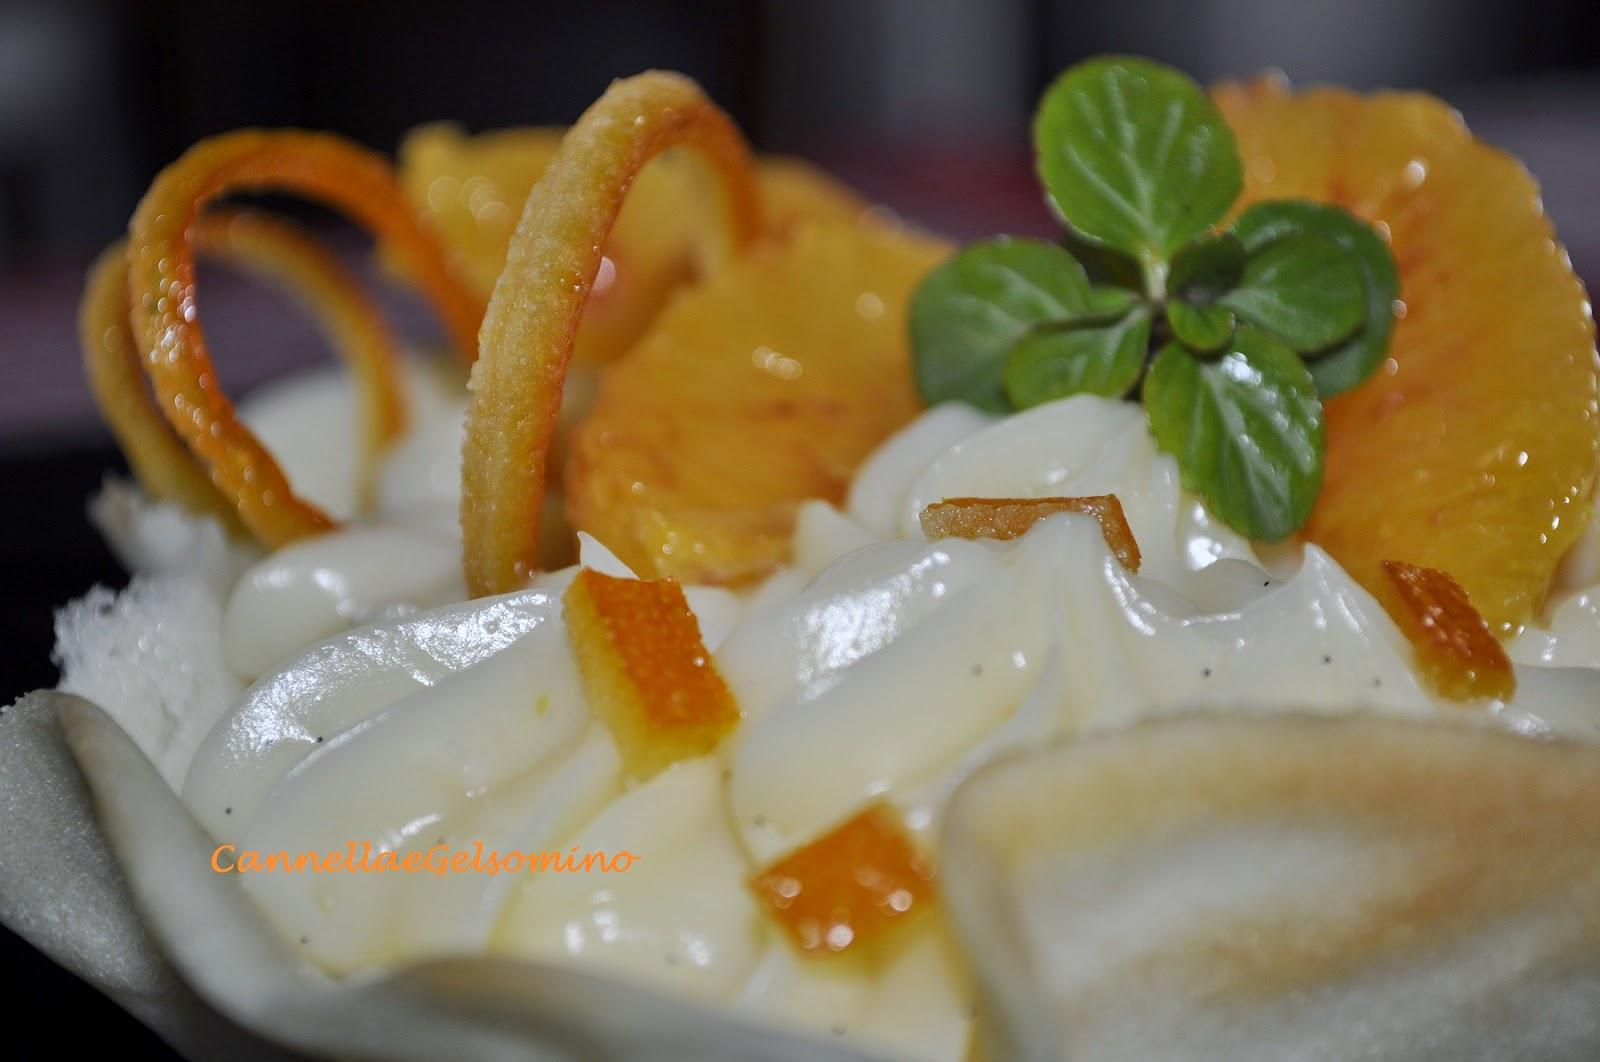 cestini con crema alla vaniglia del madagascar al profumo d'arancia